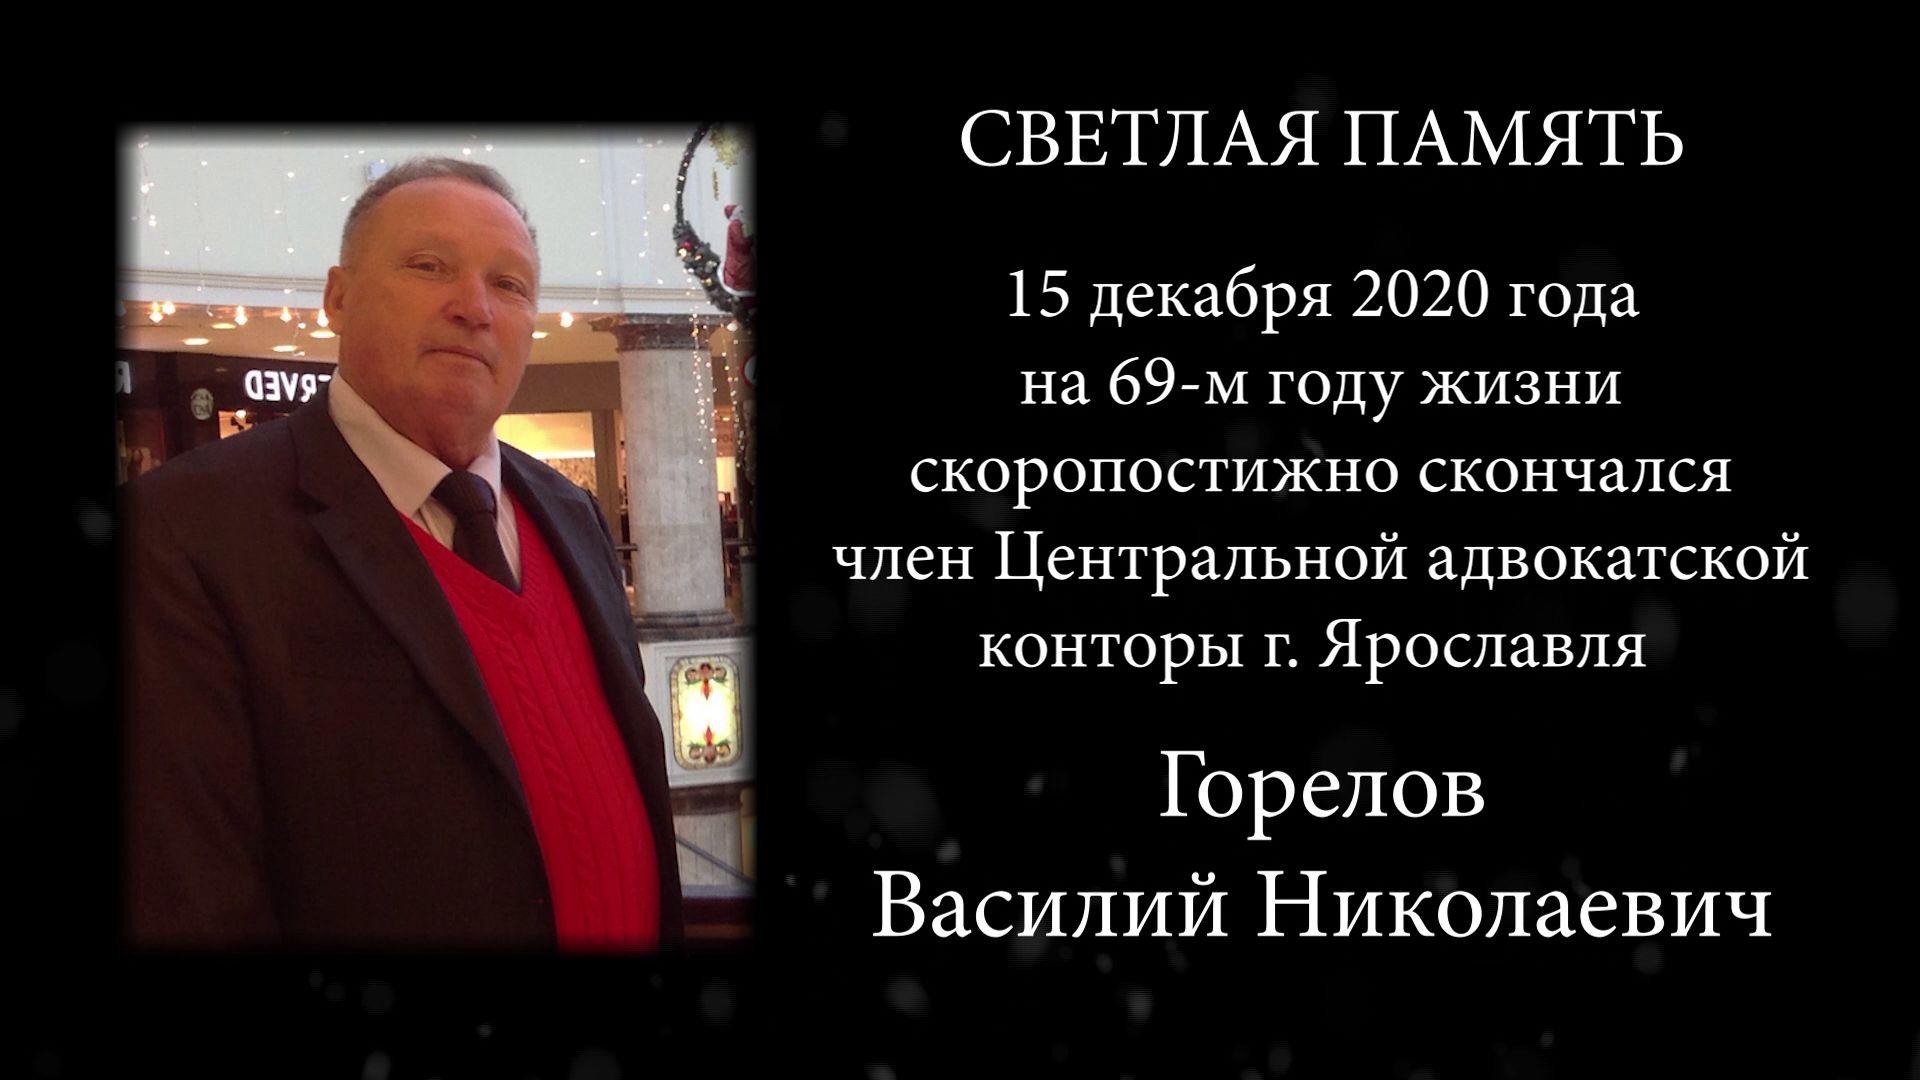 В Ярославле скончался член центральной адвокатской конторы города Василий Горелов